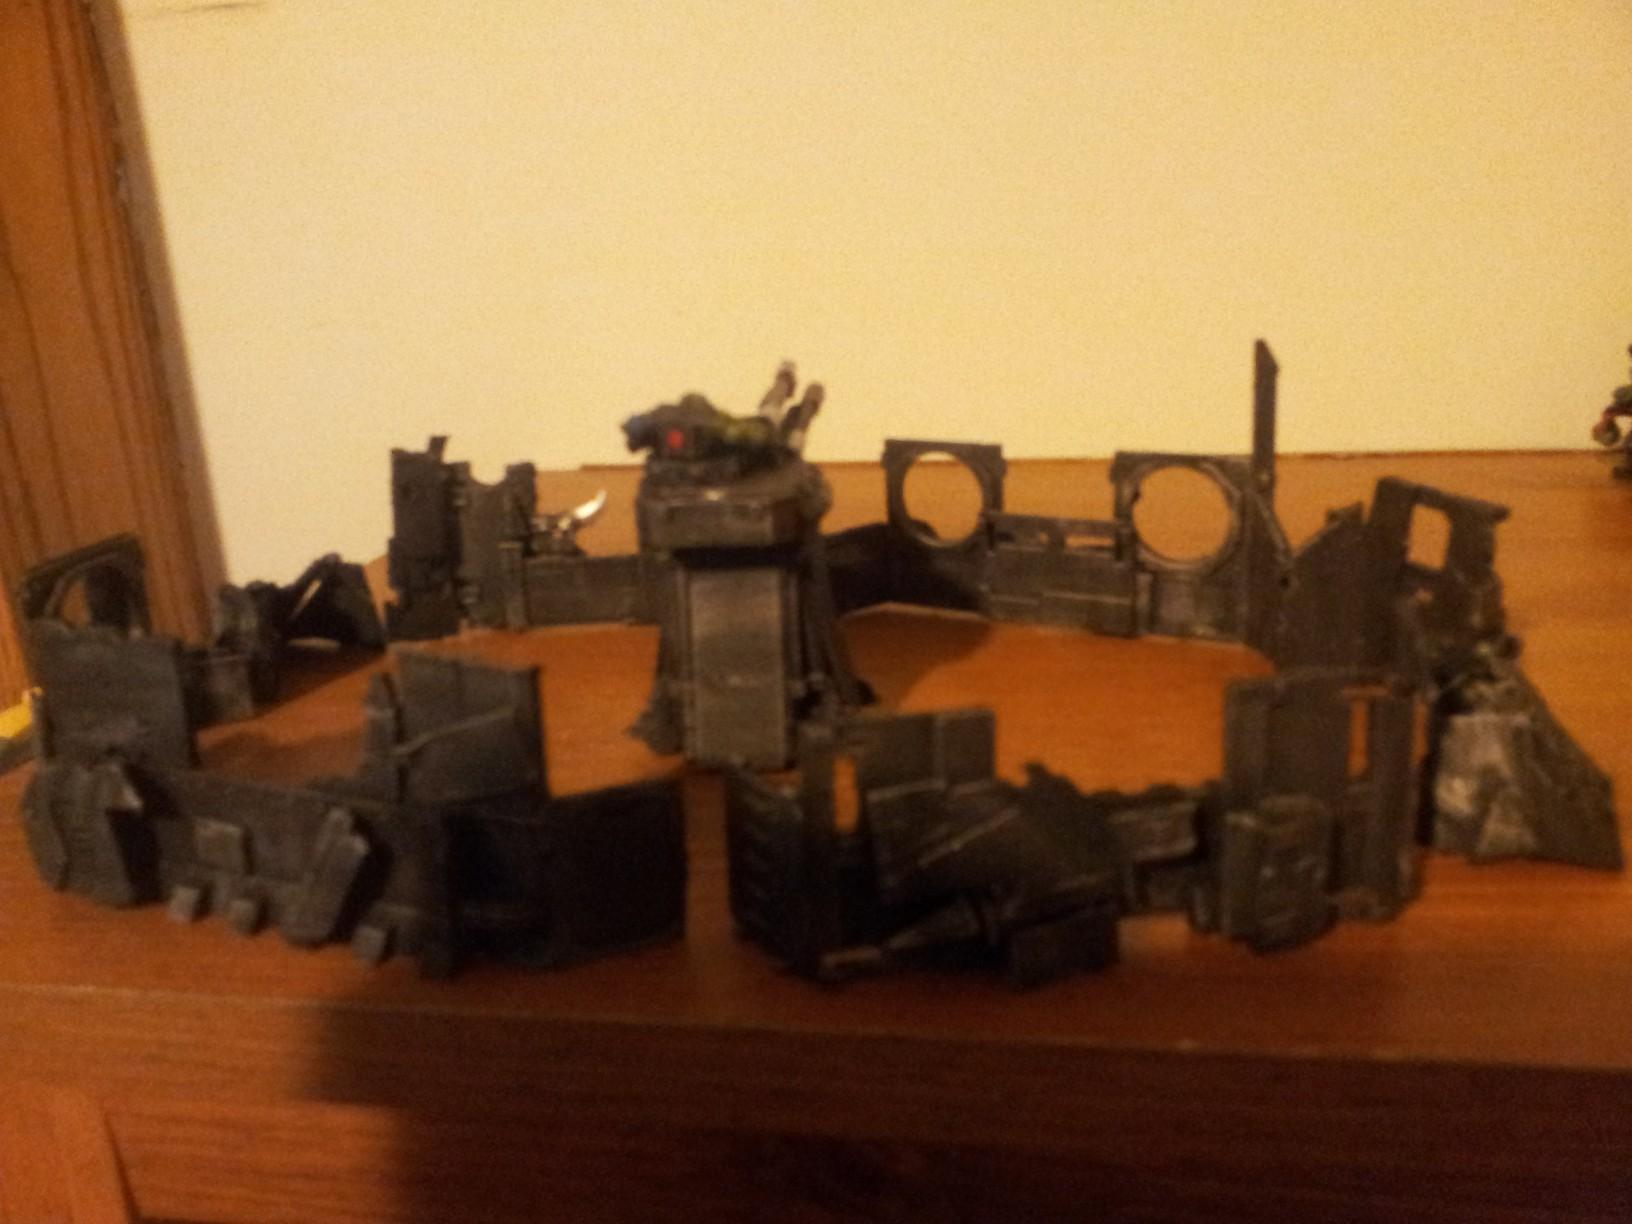 Aegis Defence Line, Orks